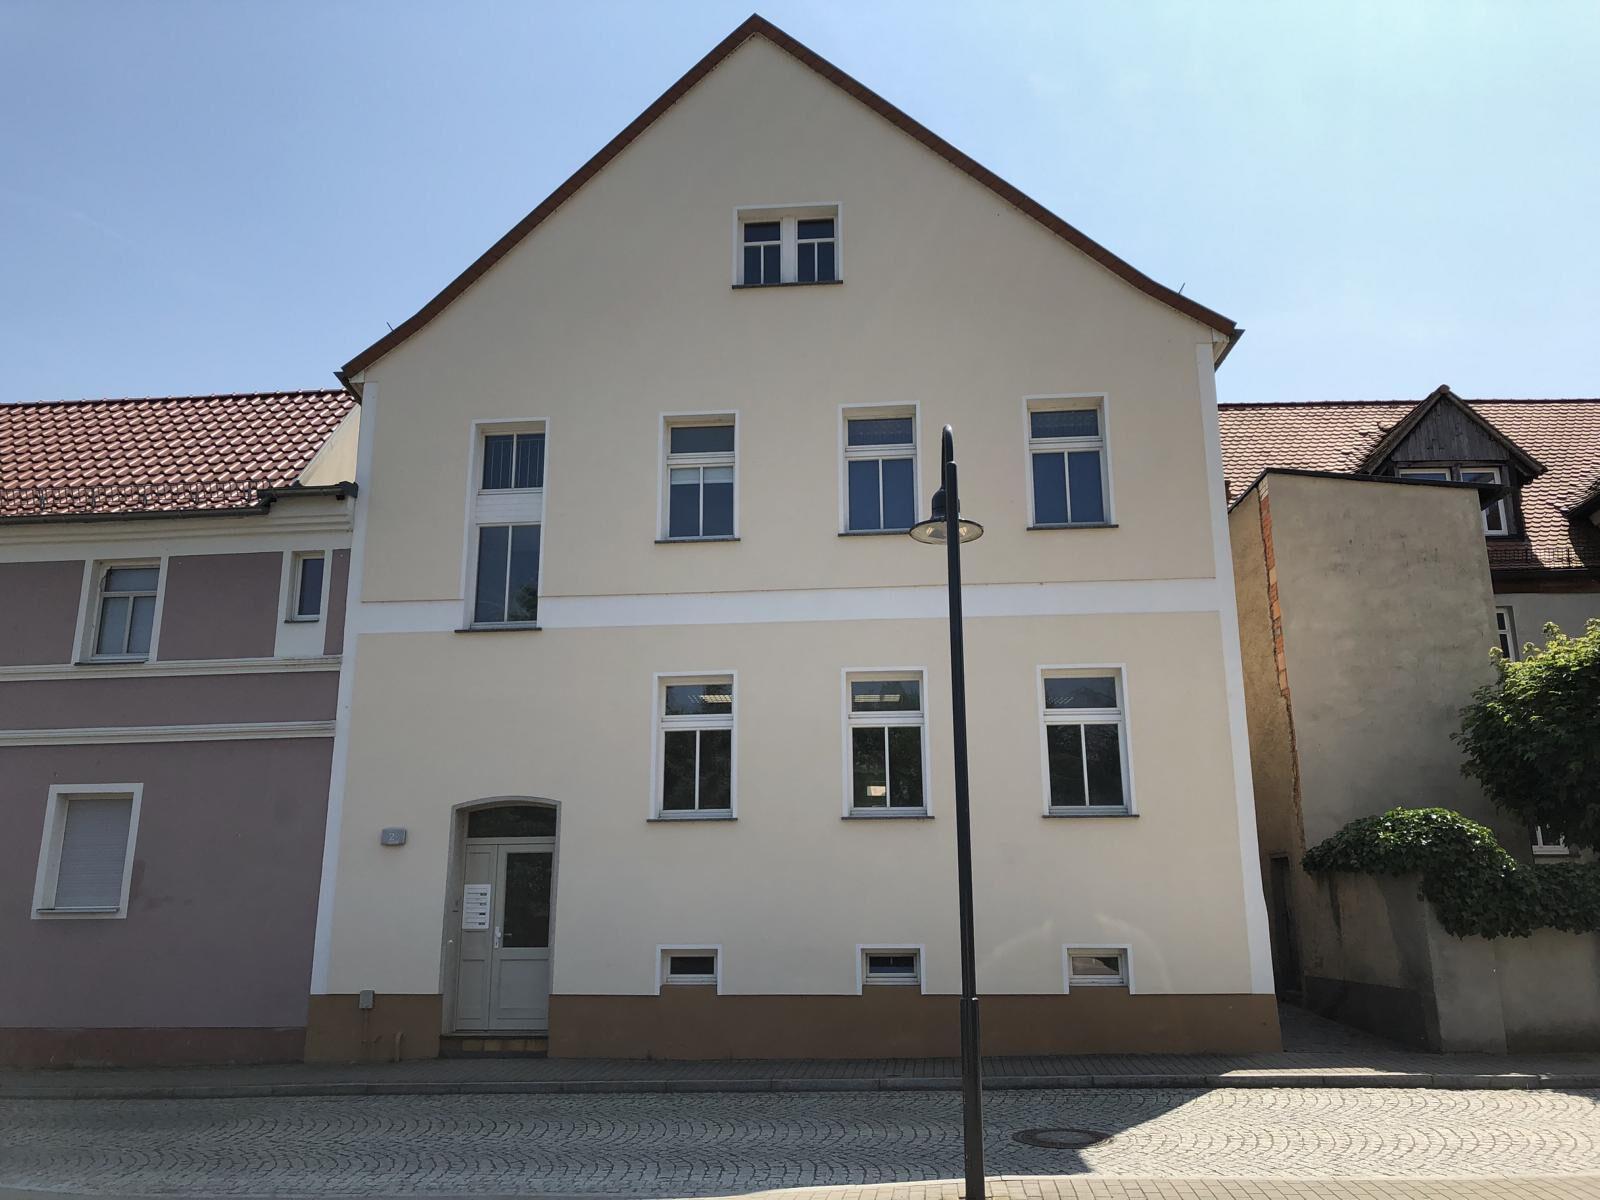 Süße 1-Raum-Wohnung bietet historisches Ambiente mit Charme